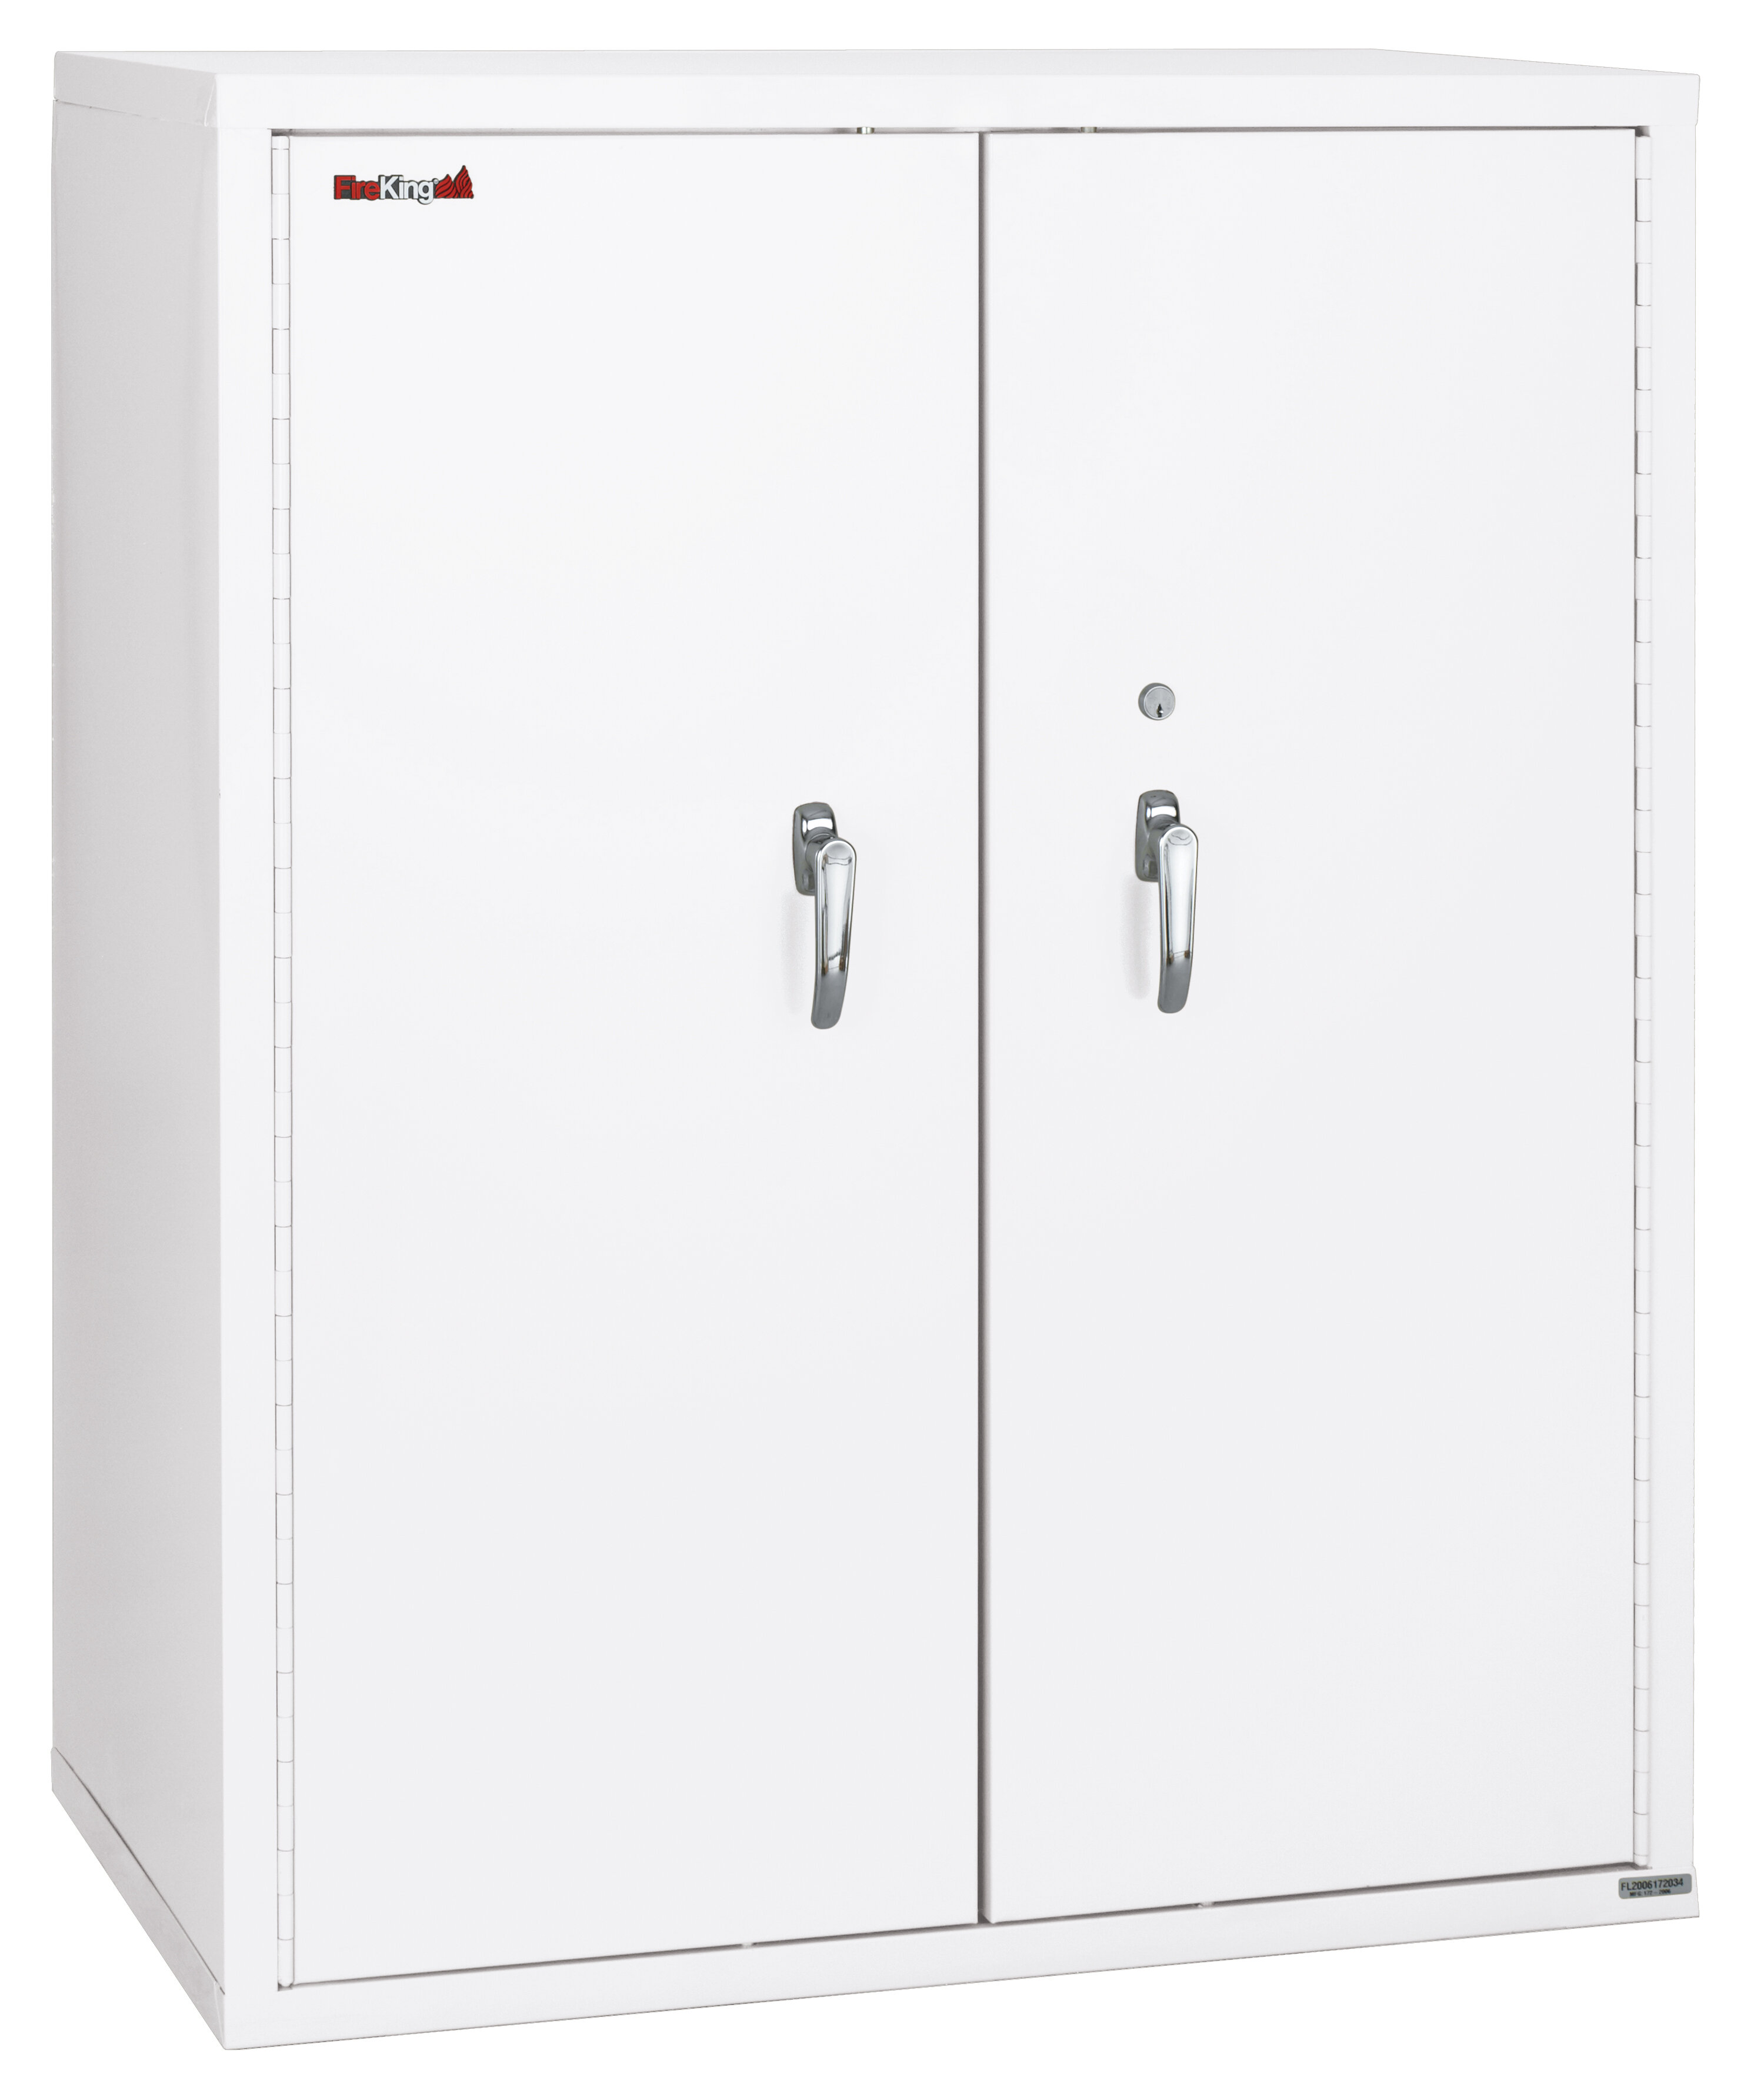 Fireking Fireproof Double Door Storage Cabinet Wayfair